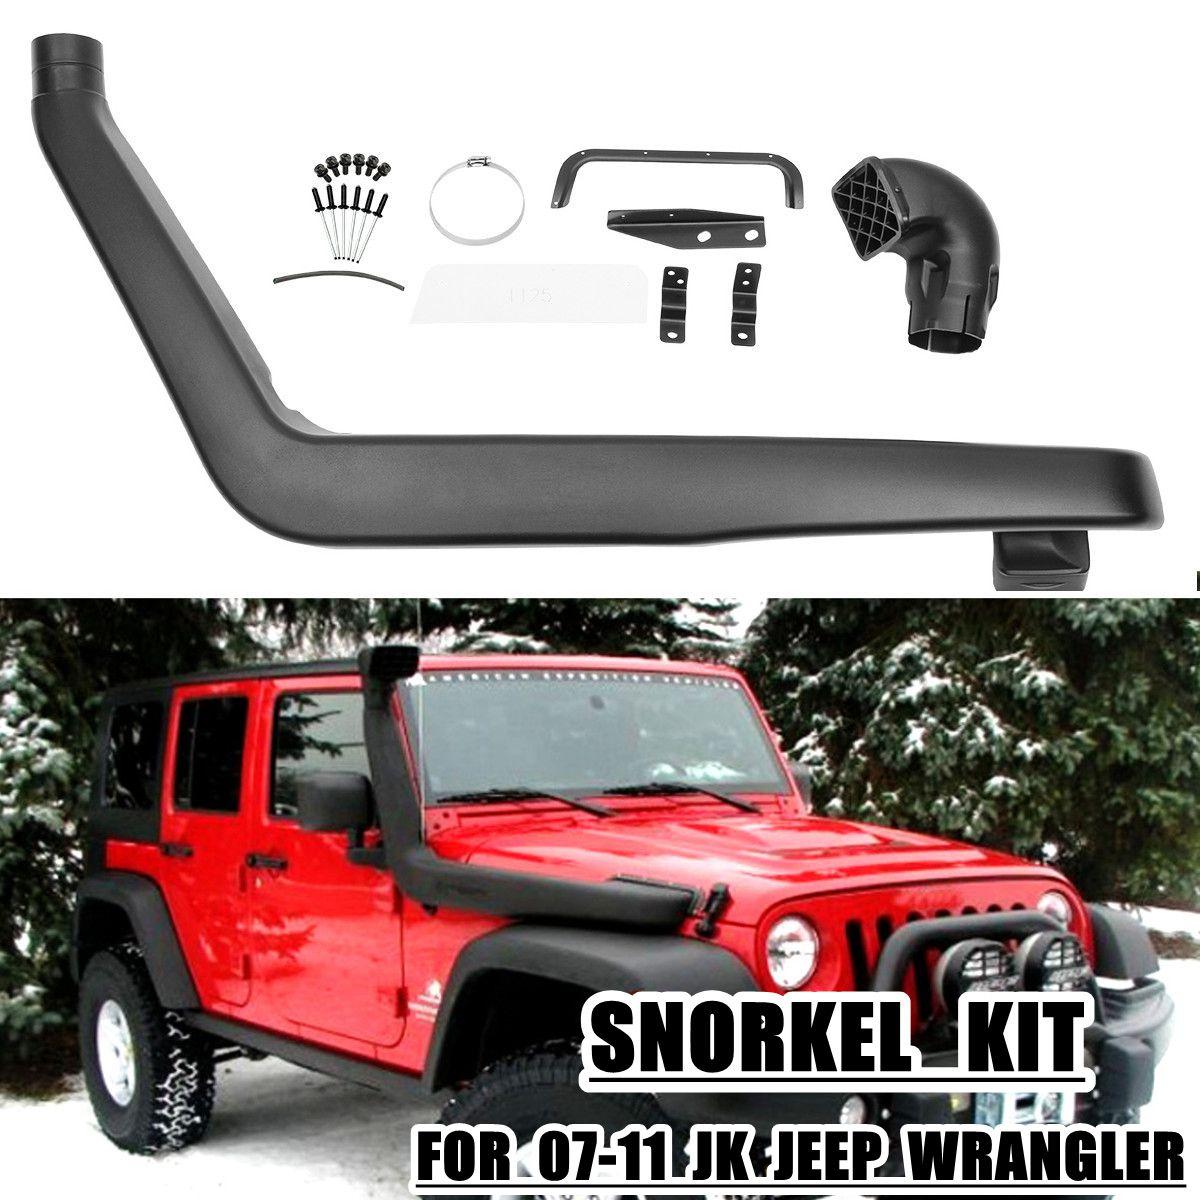 רכב קדמי ימין שנורקל ערכת עבור Jeep עבור רנגלר JK 3.8L V6 2007 2008 2009 2010 2011 אוויר Ram הצריכה צינור מערכת